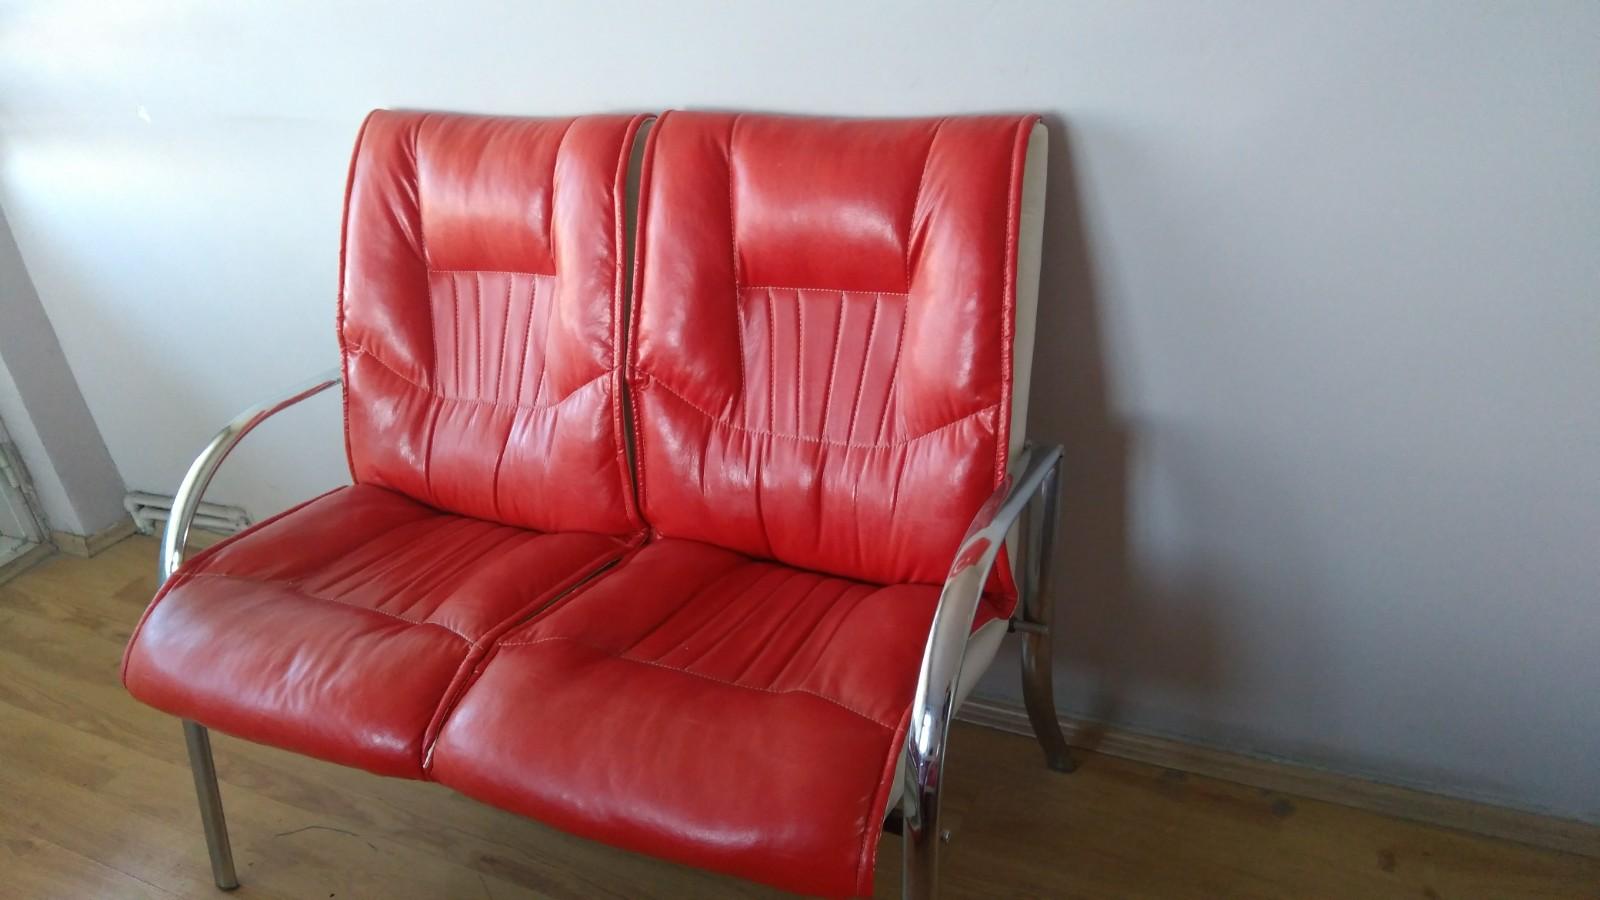 Ofis için bekleme koltuğu kırmızı renk son derece rahat